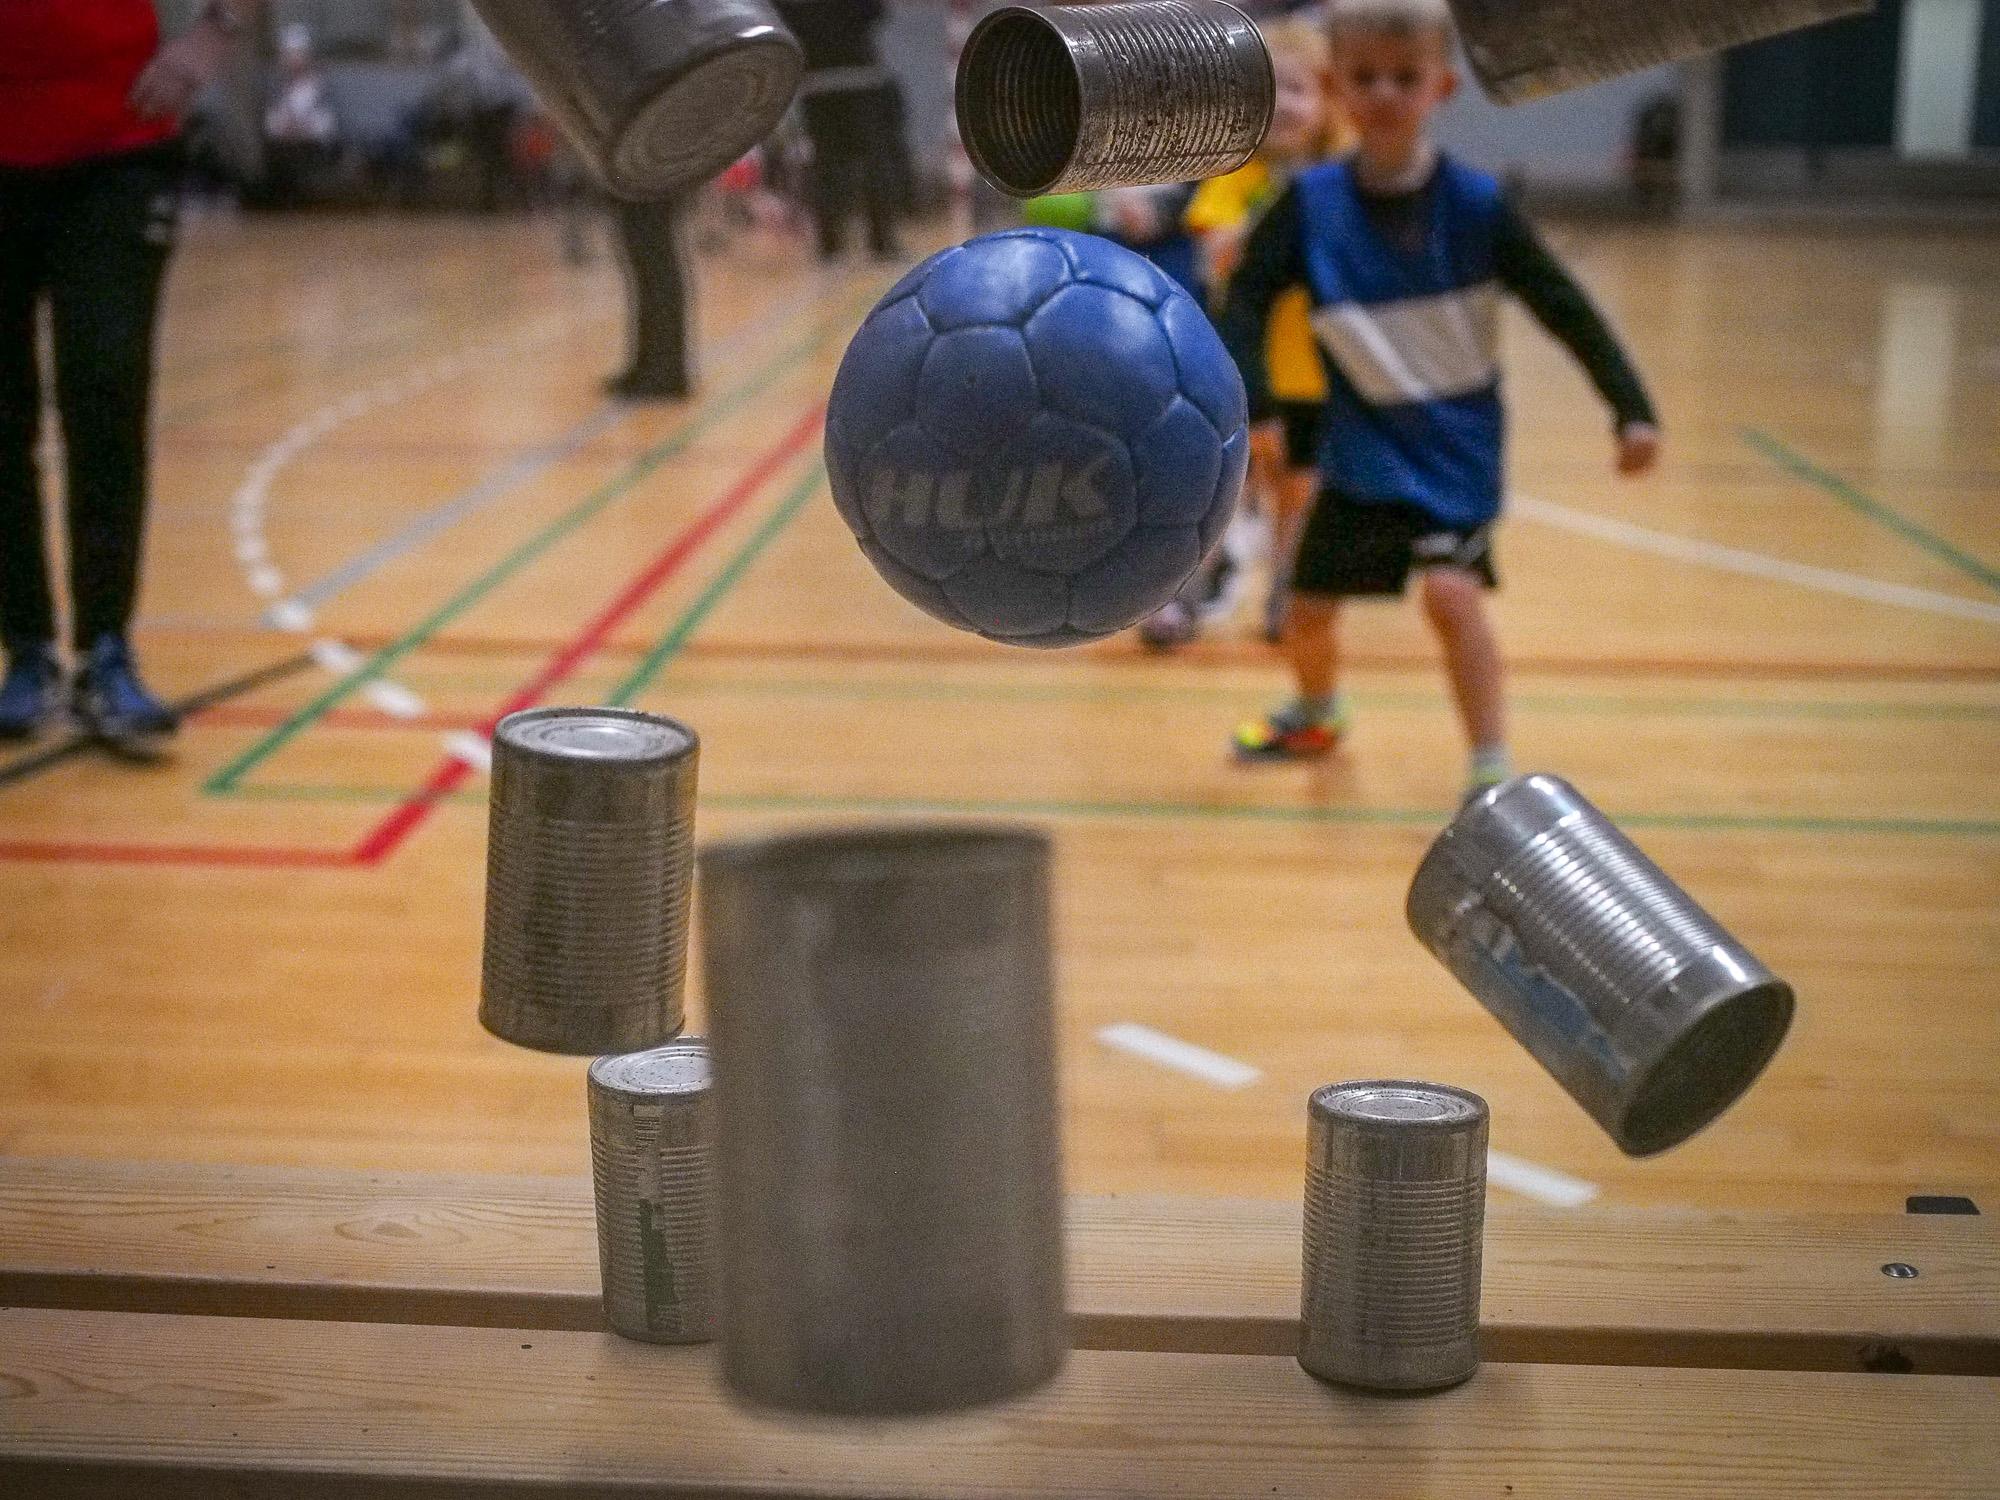 6f3b94ef20d D. 5 januar var HUK Håndbold en del af det landsdækkende åben hus  arrangement 'Håndboldens Dag', hvor 160 håndboldklubber landet over lukkede  dørene op for ...